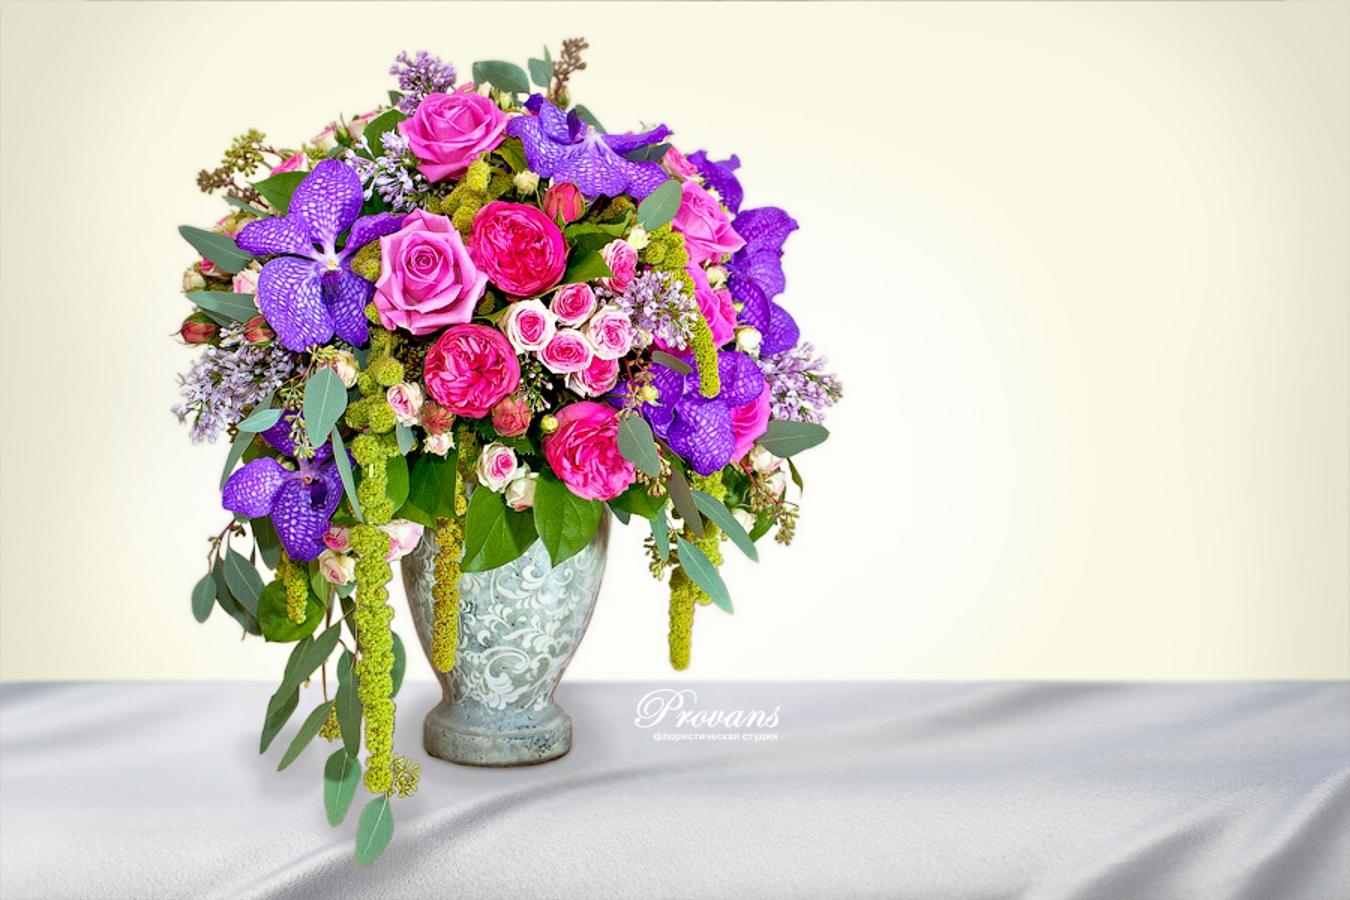 Цветочная композиция в вазе. Орхидея, сирень, пионовидная роза, амарантус